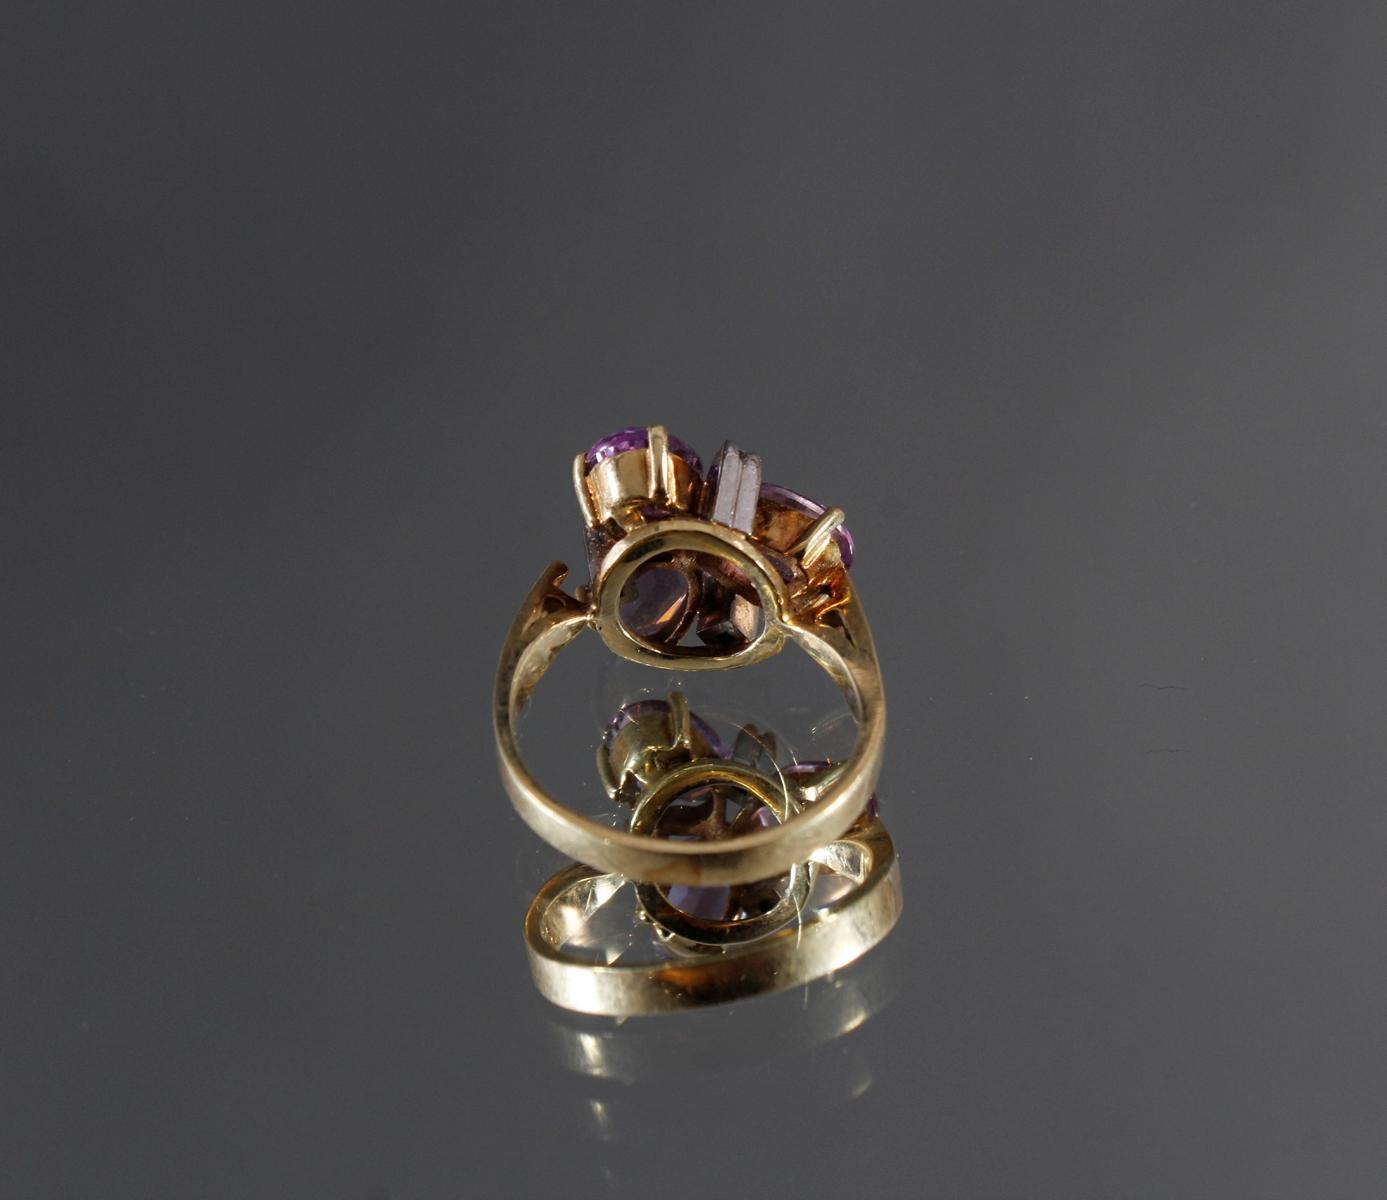 Damenring mit 3 kleinen Diamanten und 3 facettierten Amethysten, 14 kt Gelbgold-4